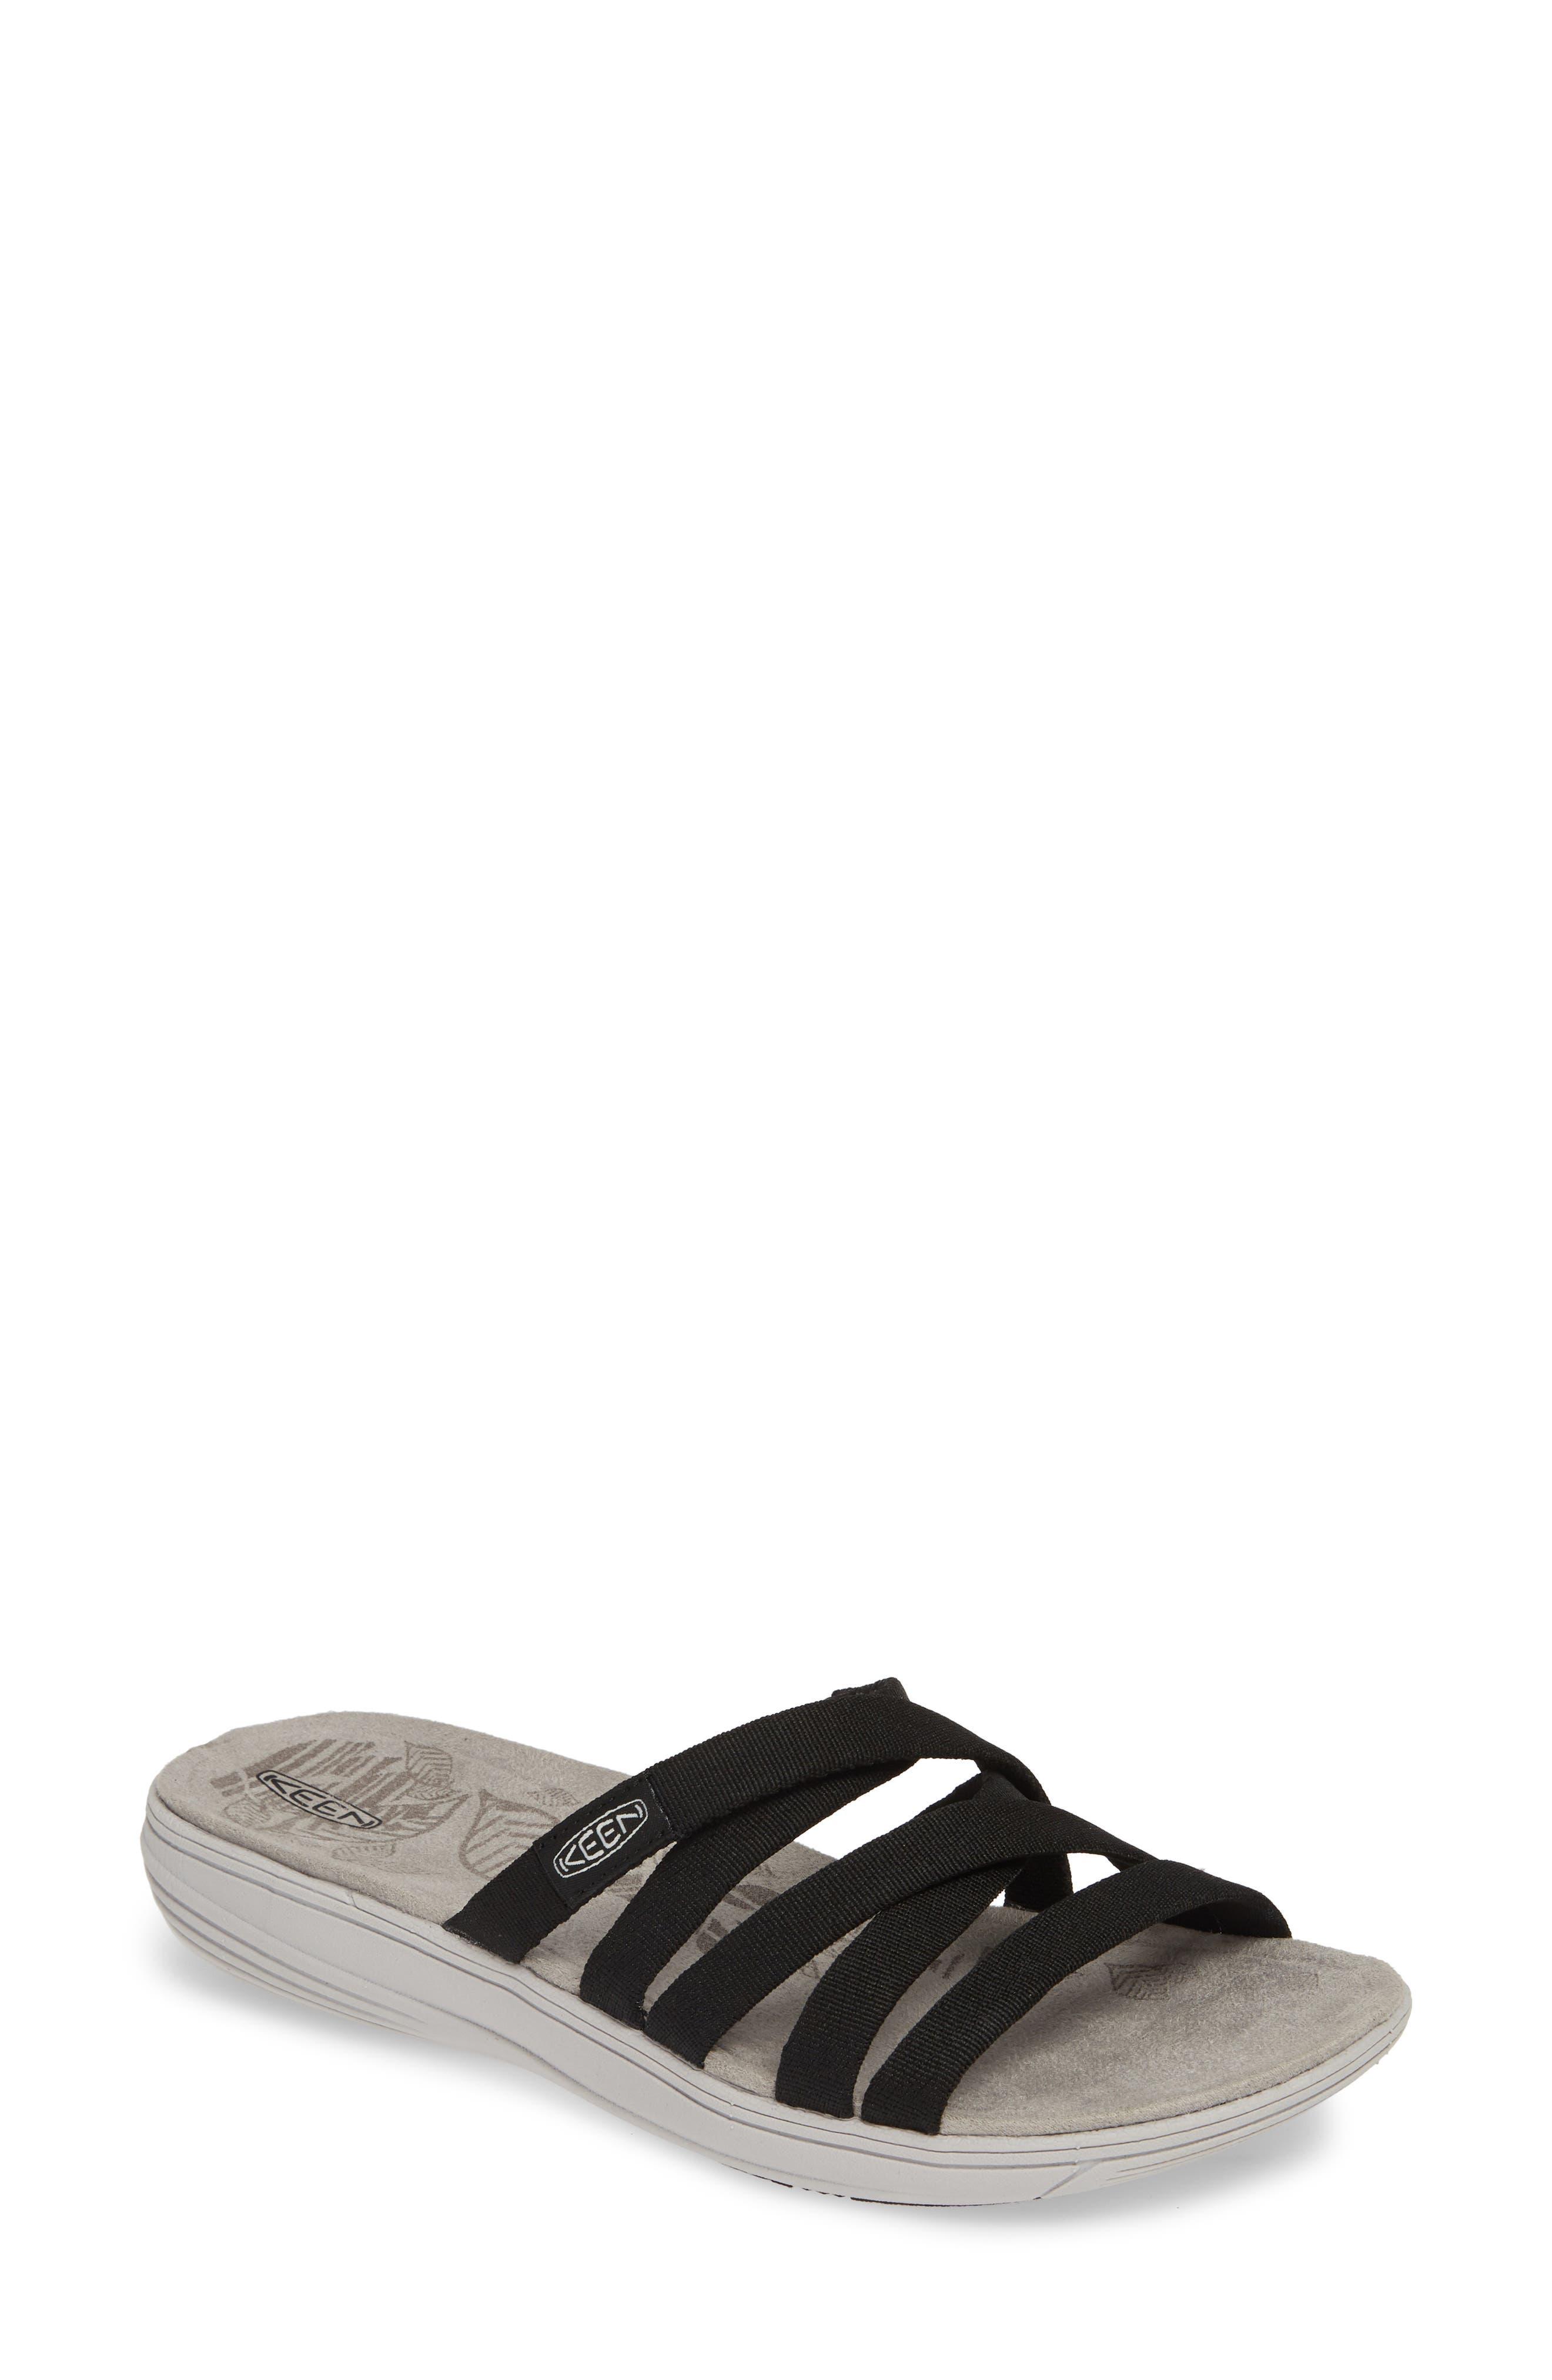 73cab1fae9b Keen Damaya Slide Sandal- Black